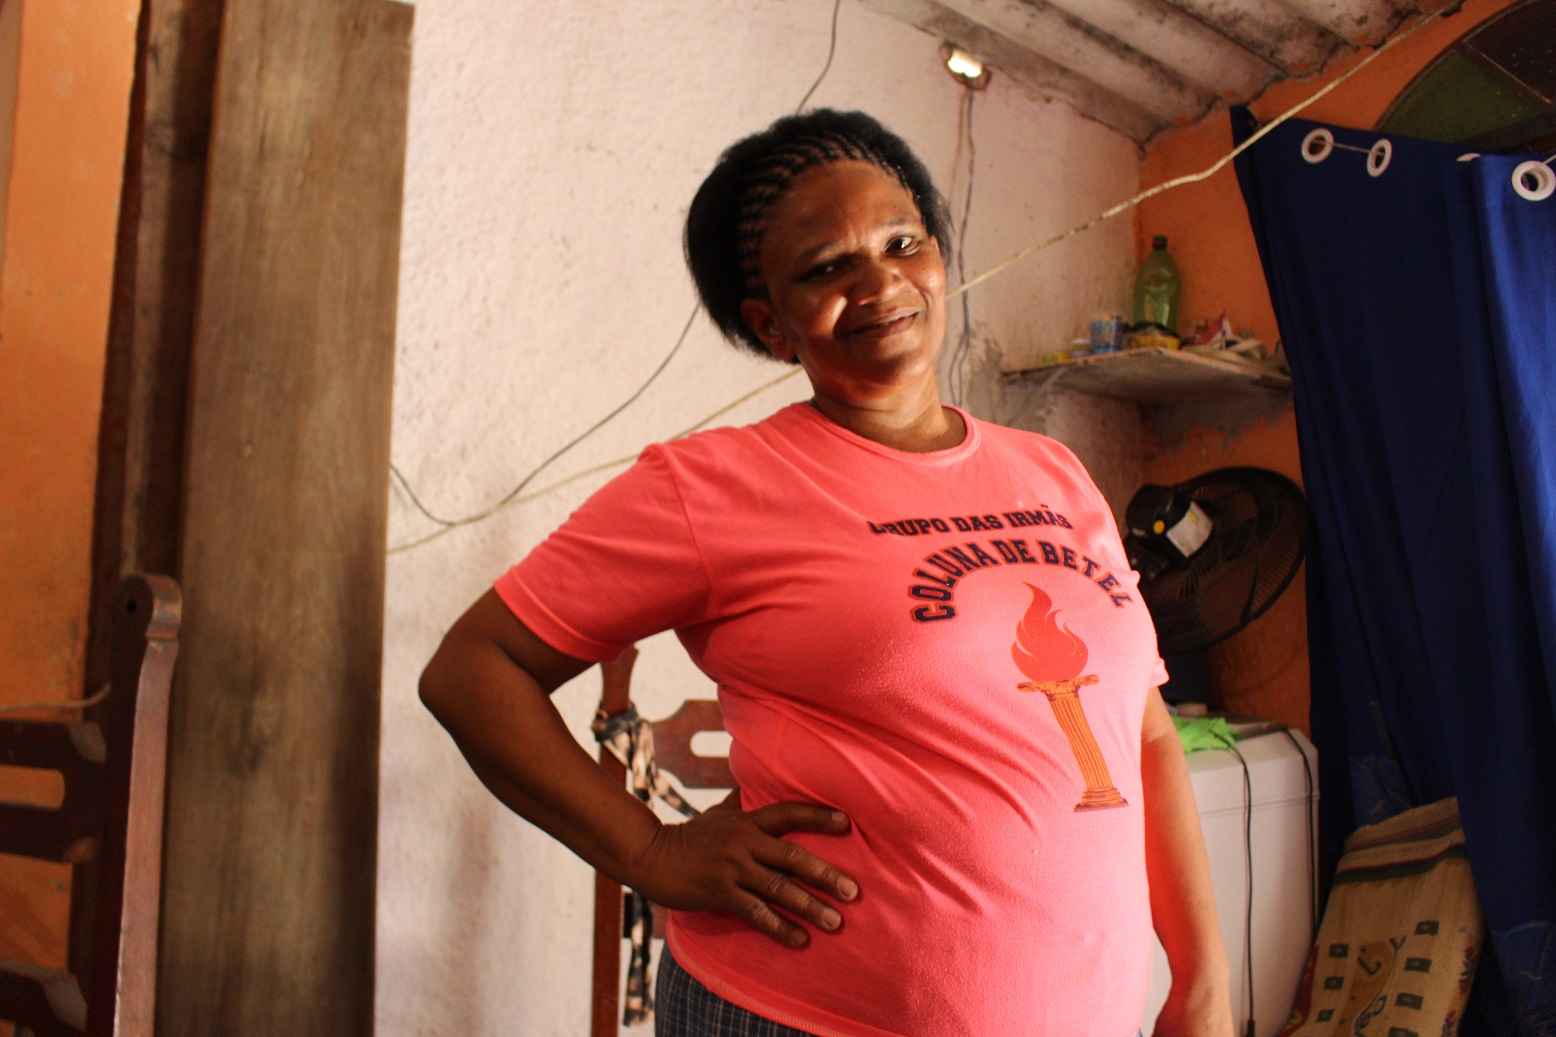 Neli Pereira sobrevive de bicos: cobra R$2 para agendar emissão de documentos com isenção. Foto: Yuri Fernandes